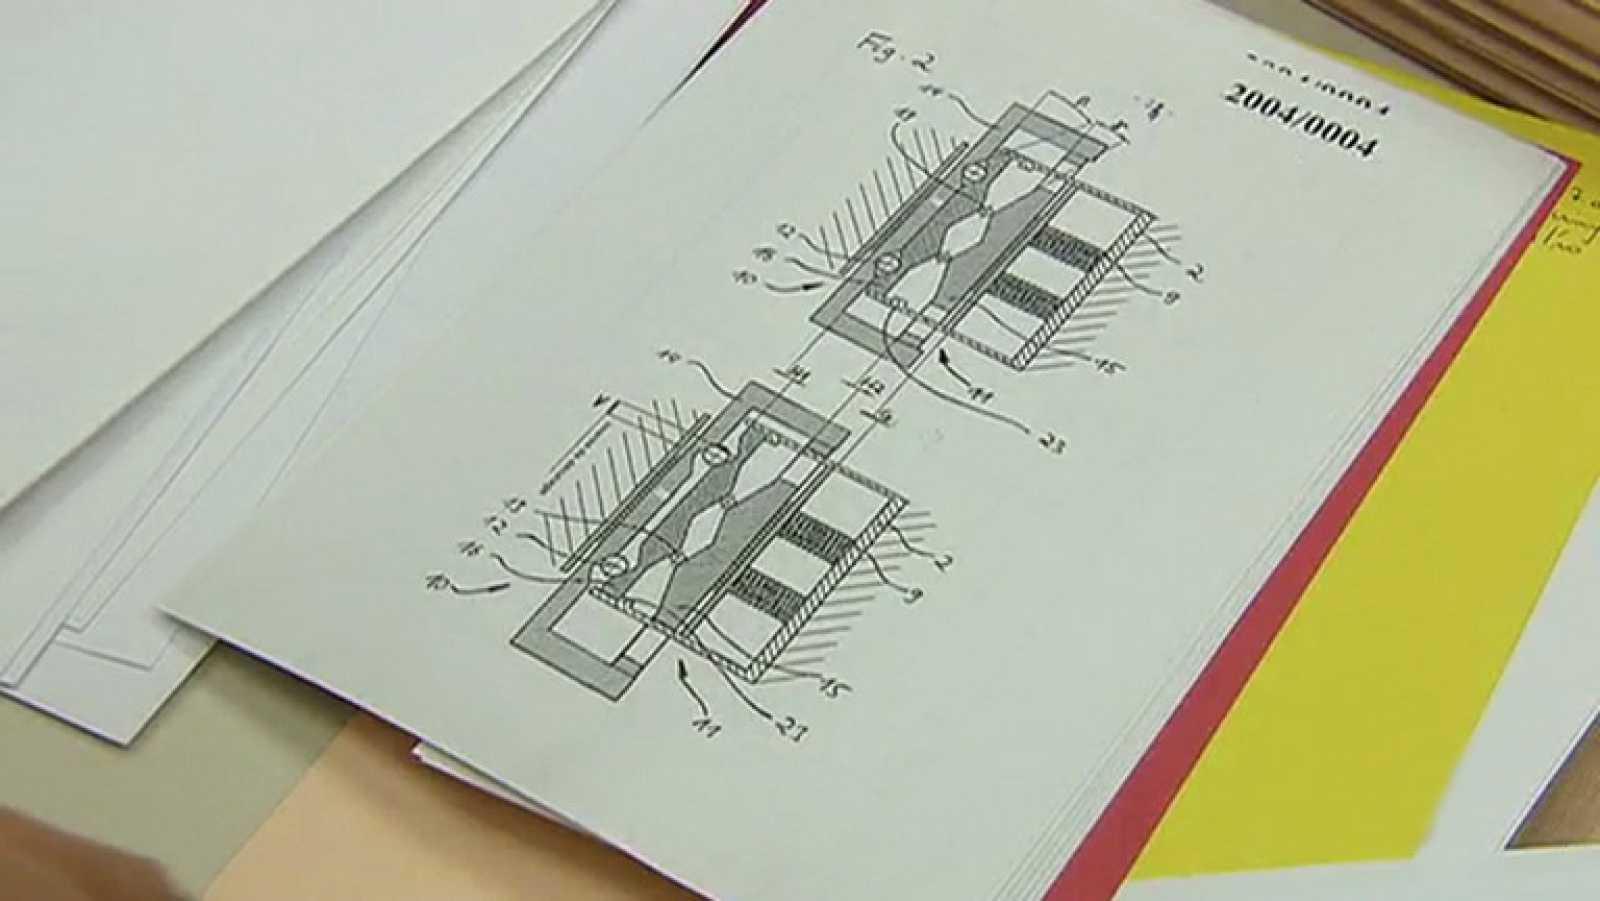 En España se solicitaron 6.000 patentes en 2013